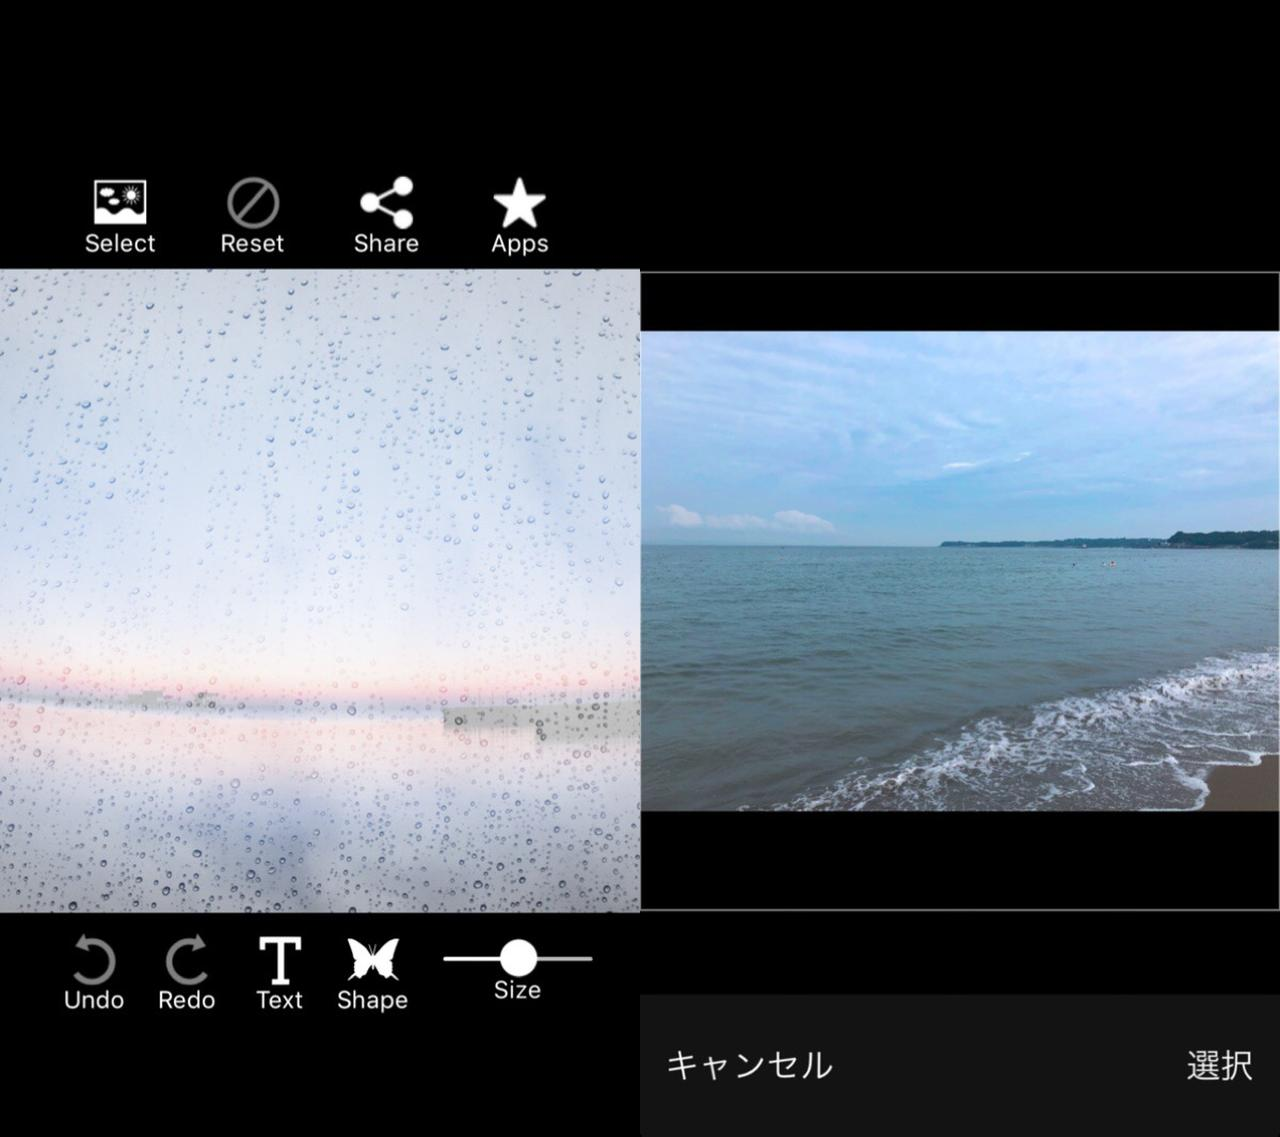 画像1: 夕焼けや海も涼しげに。水滴付きも可愛いです。